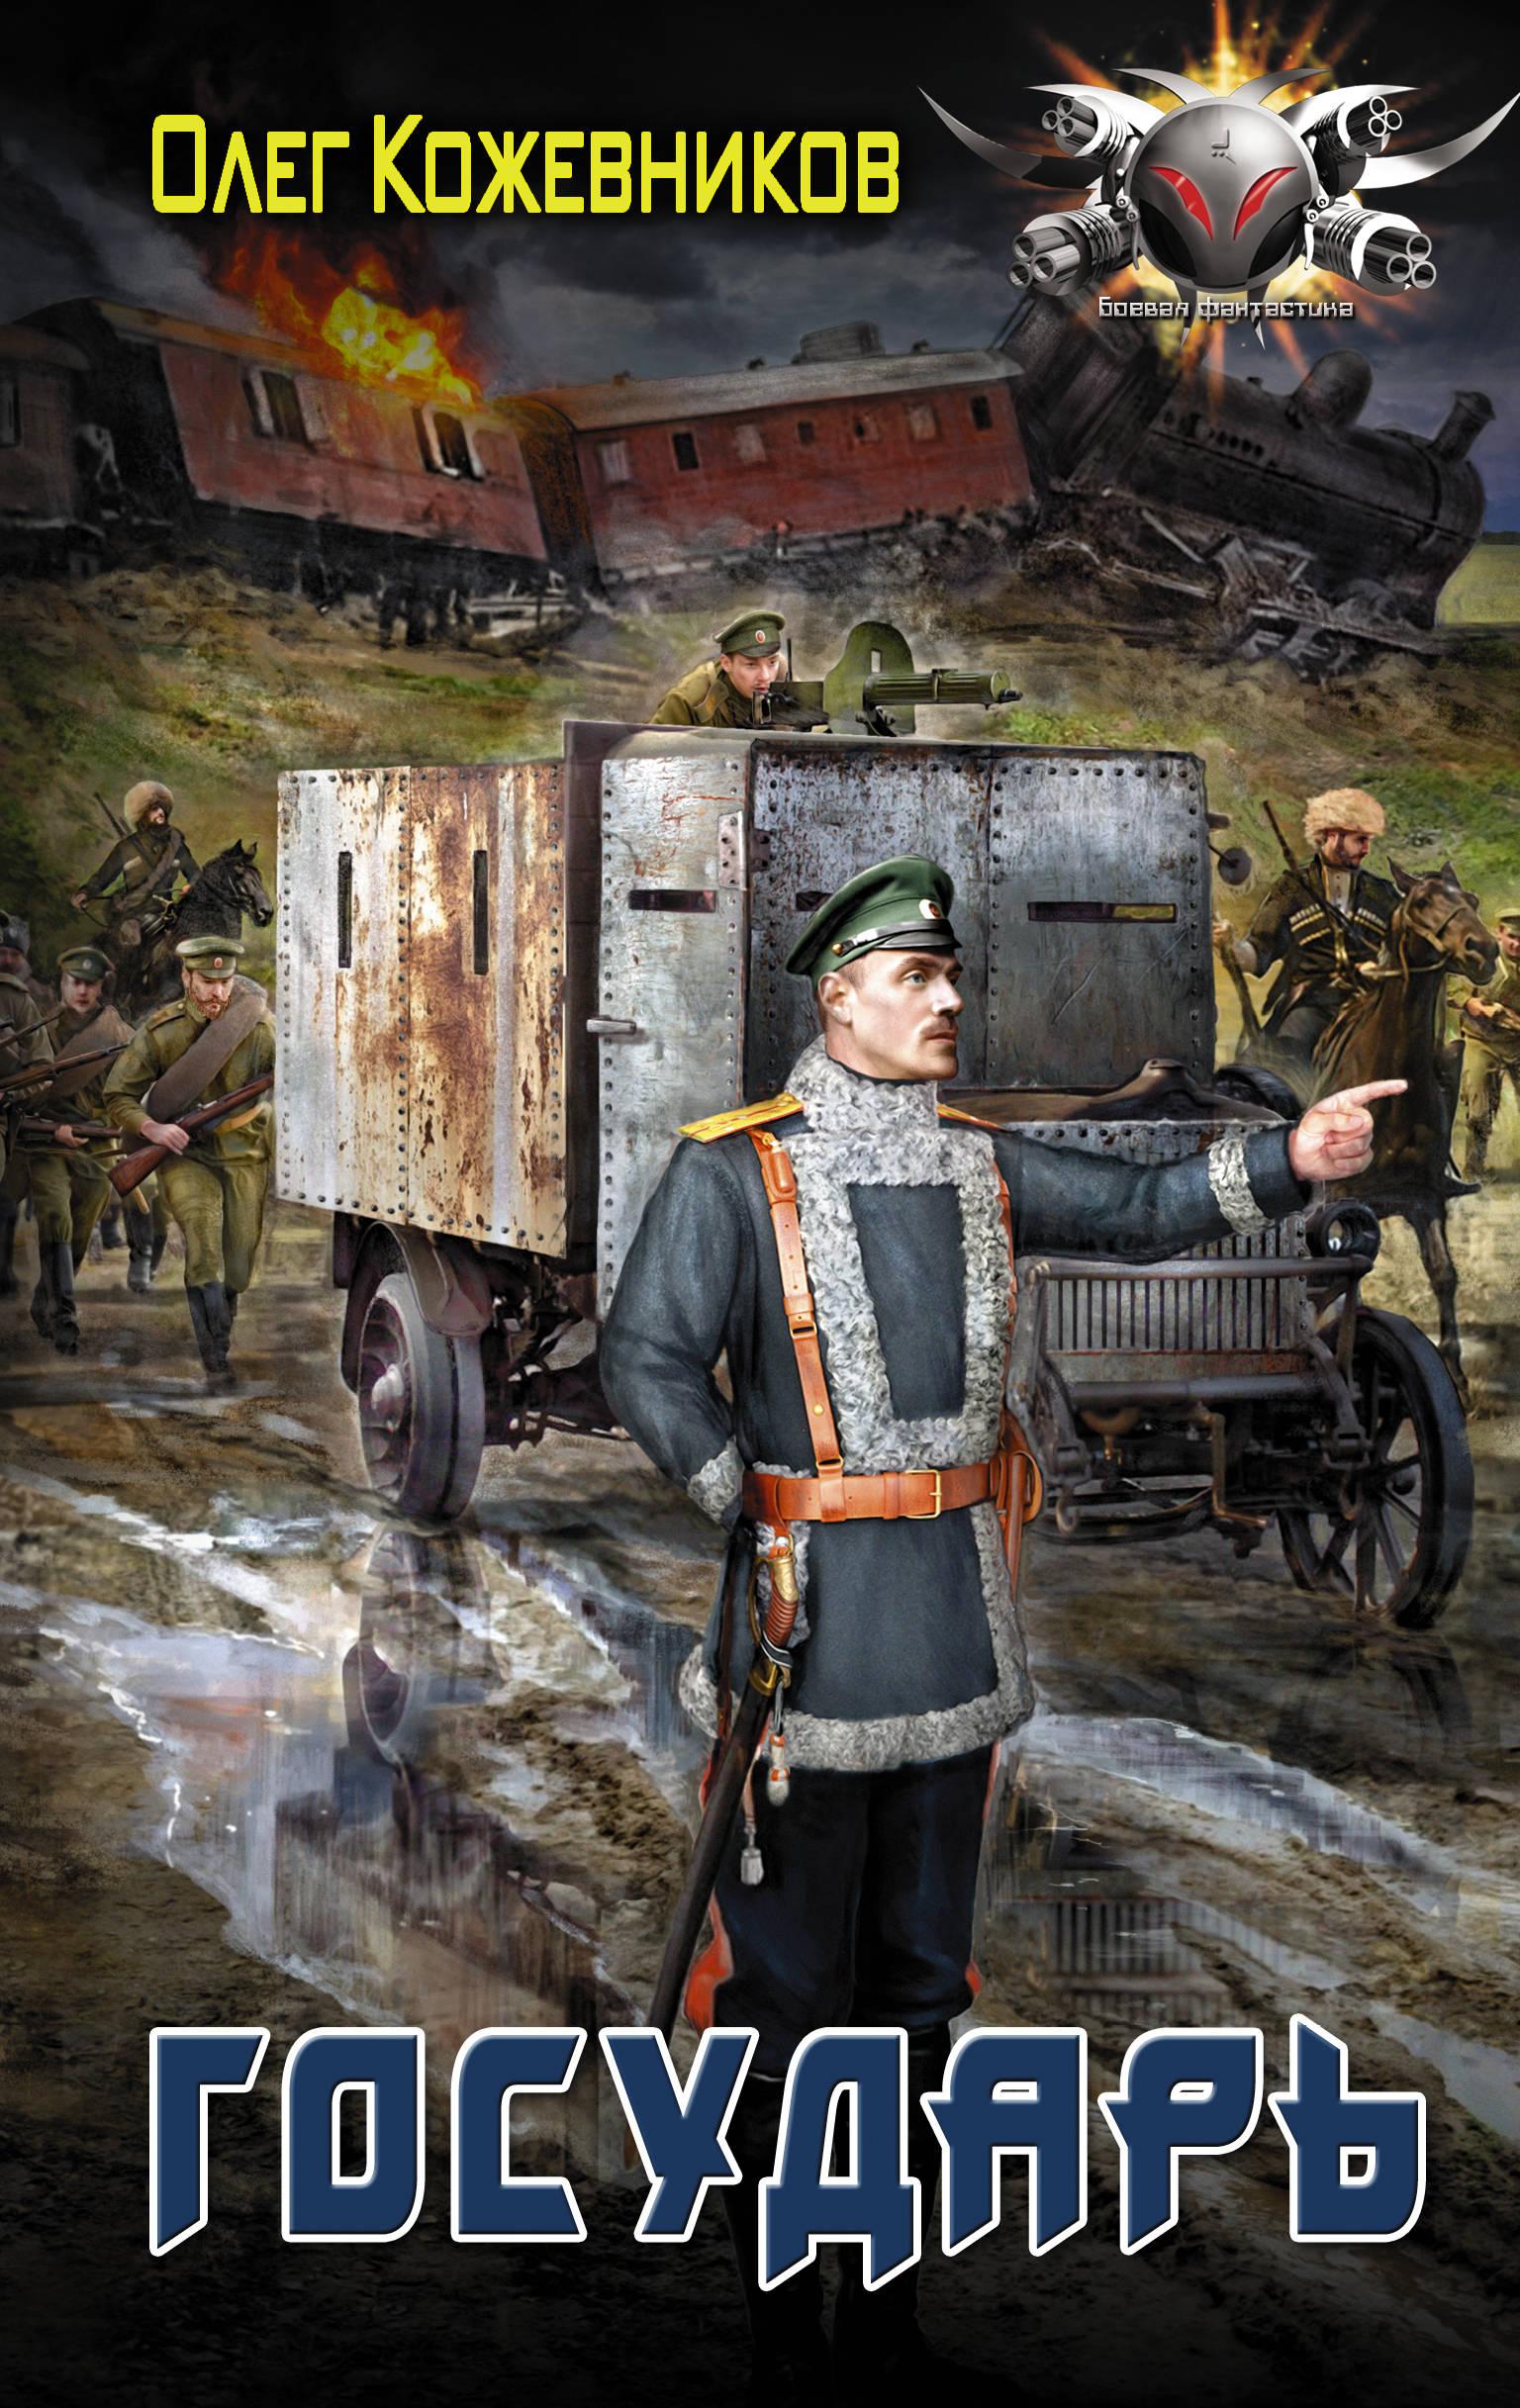 Олег Кожевников «Государь»